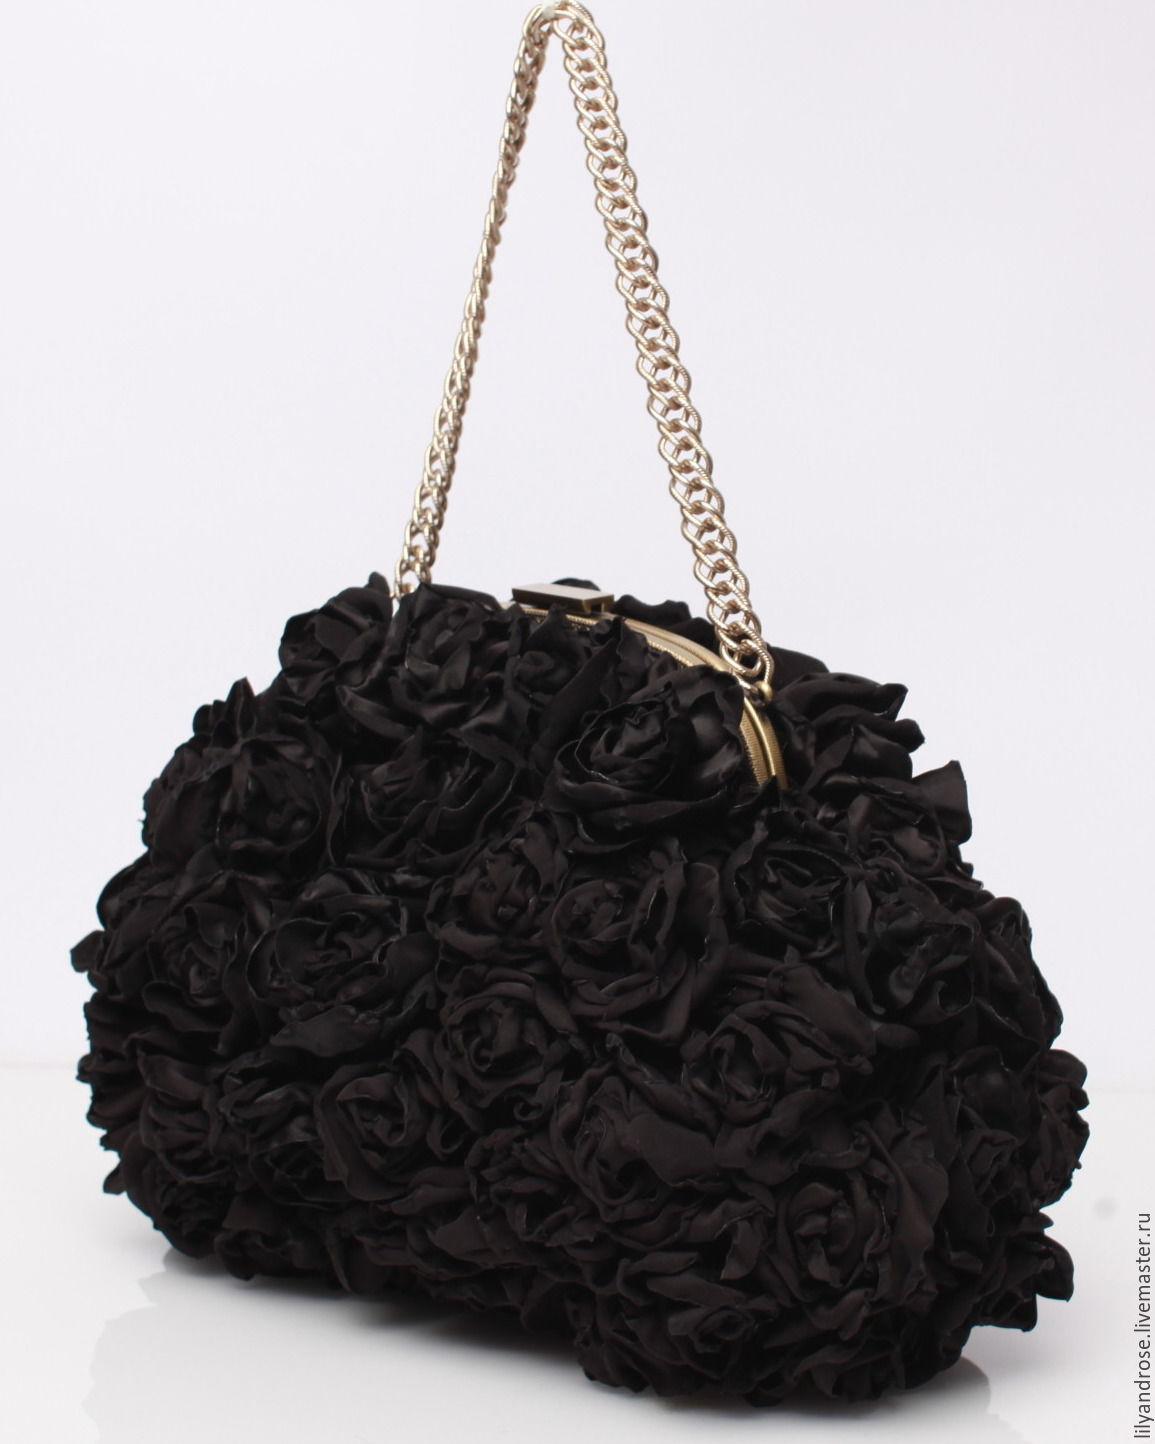 0bea75f22808 Женские сумки ручной работы. Ярмарка Мастеров - ручная работа. Купить  Черный клатч с розами ...